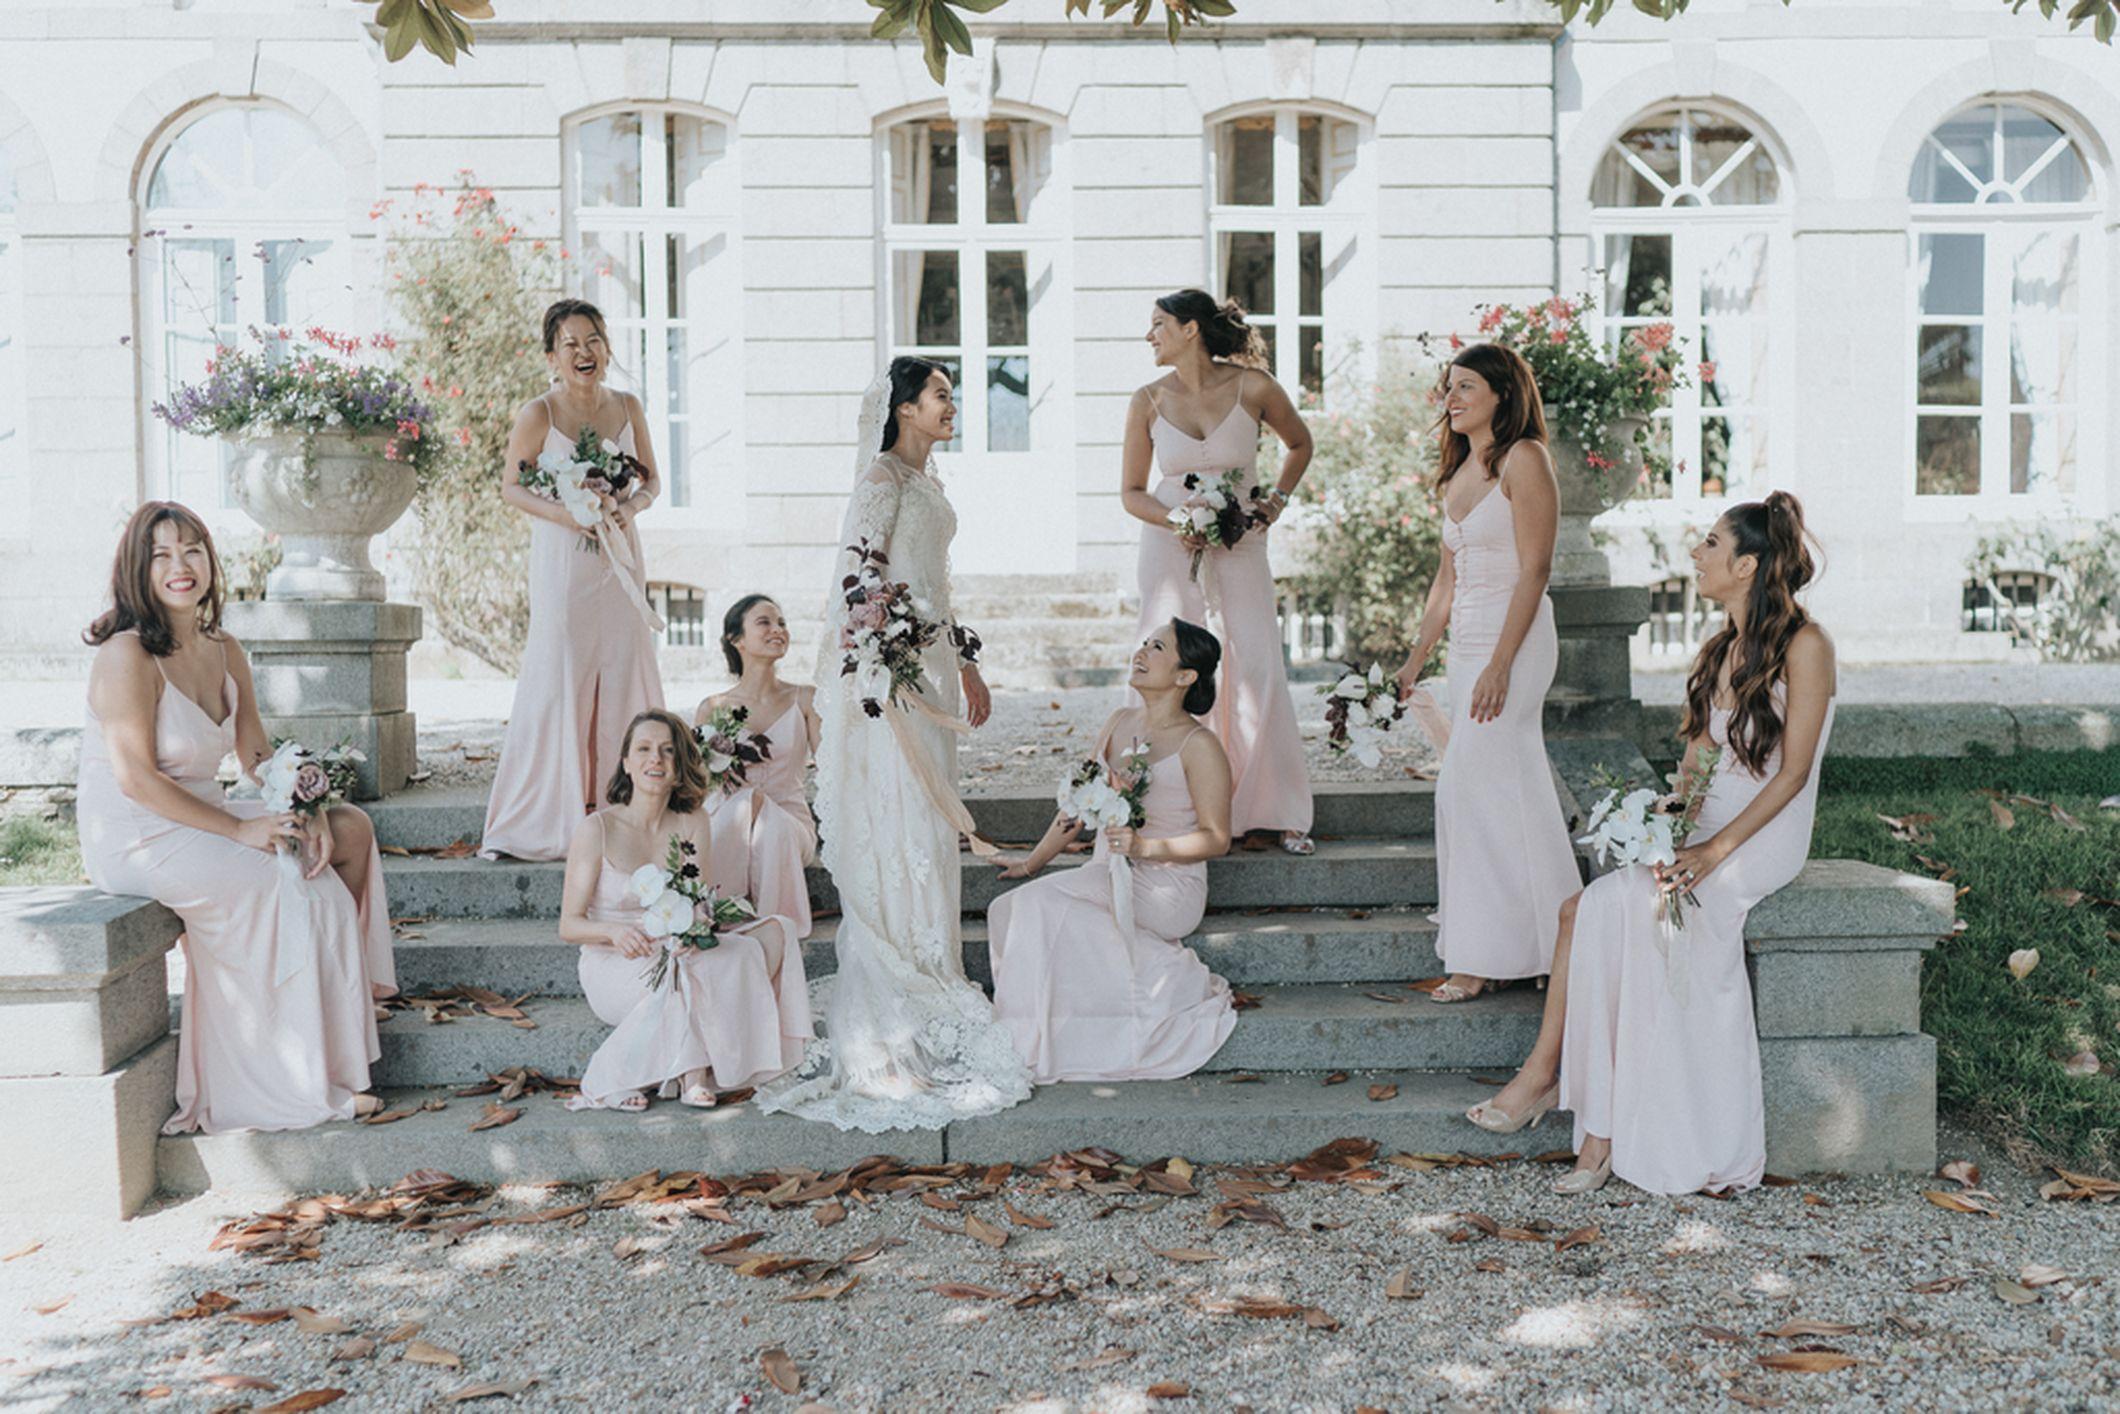 mariee demoiselles d'honneur bouquets de fleurs